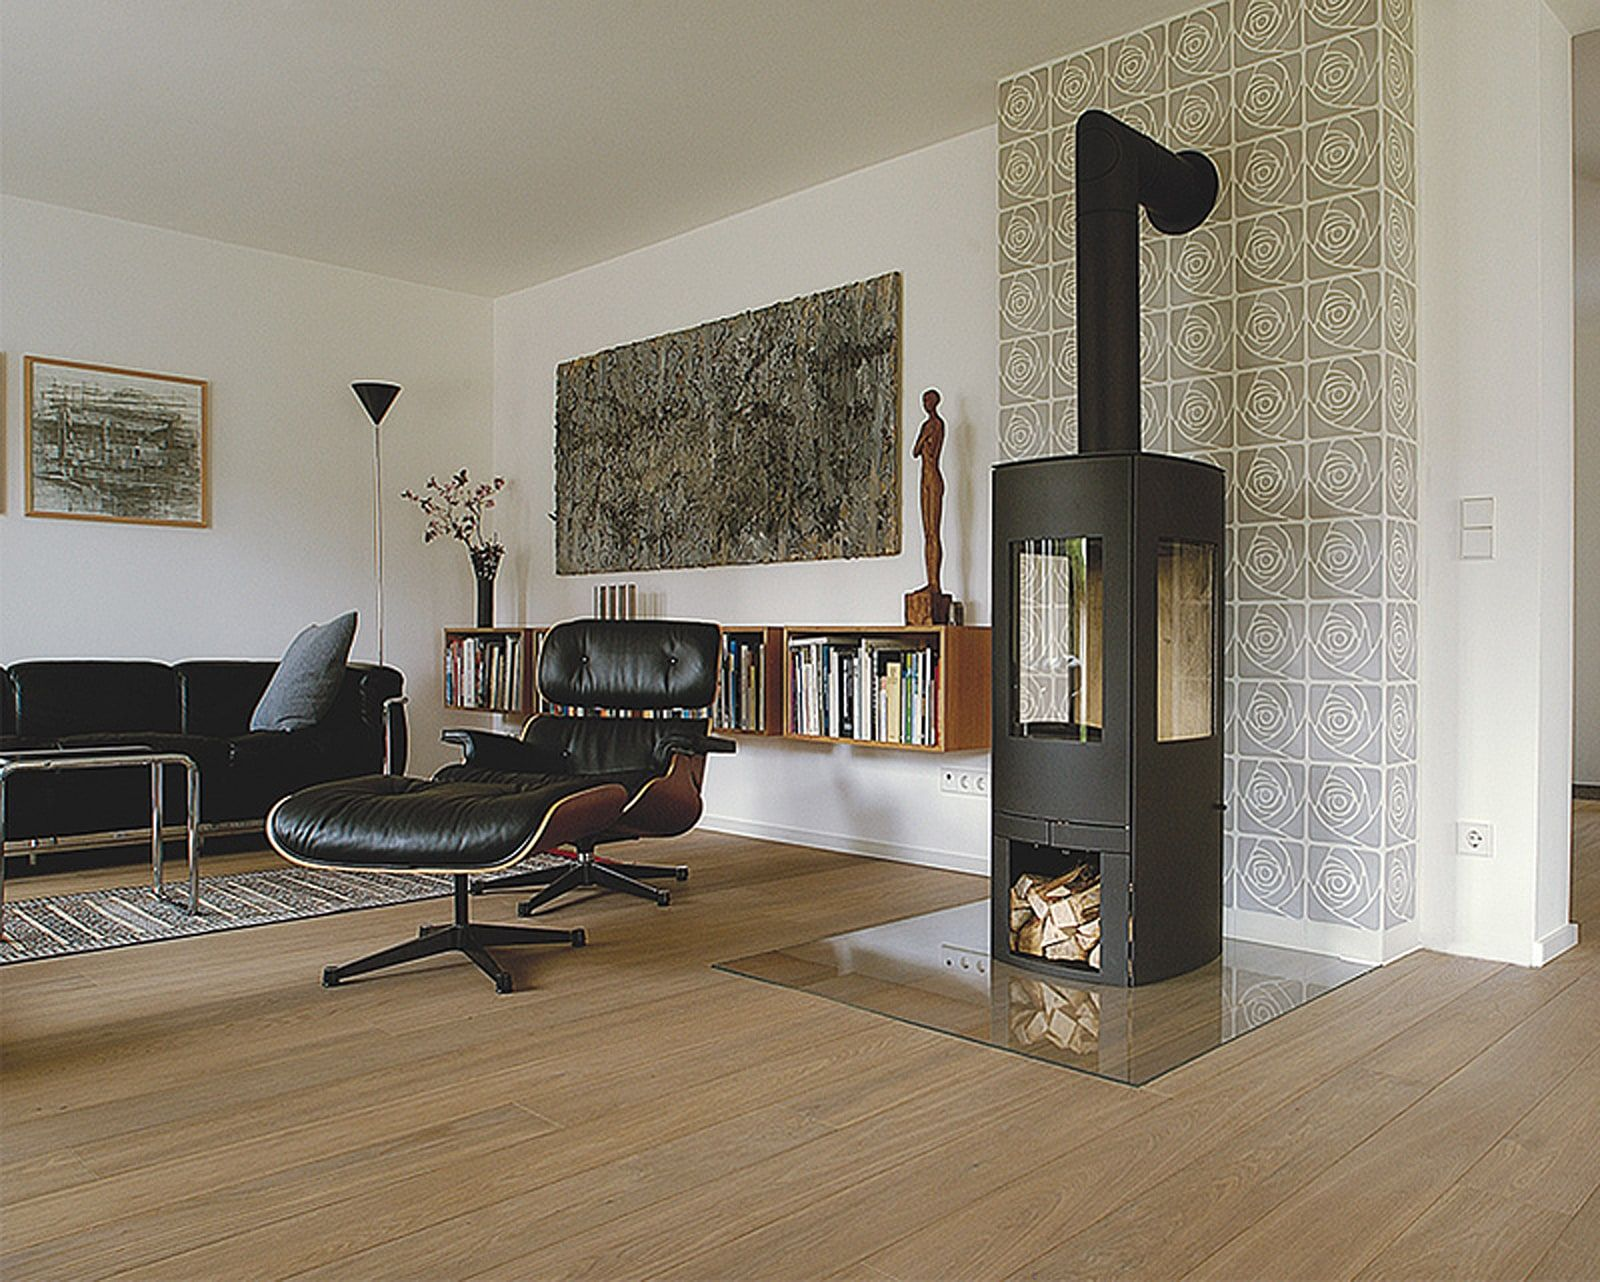 Via Wall Tiles Kamin Interiordesign Designklassiker Wohnzimmerideen Living Fliesen Wohnzimmer Design Innenarchitektur Wohnzimmer